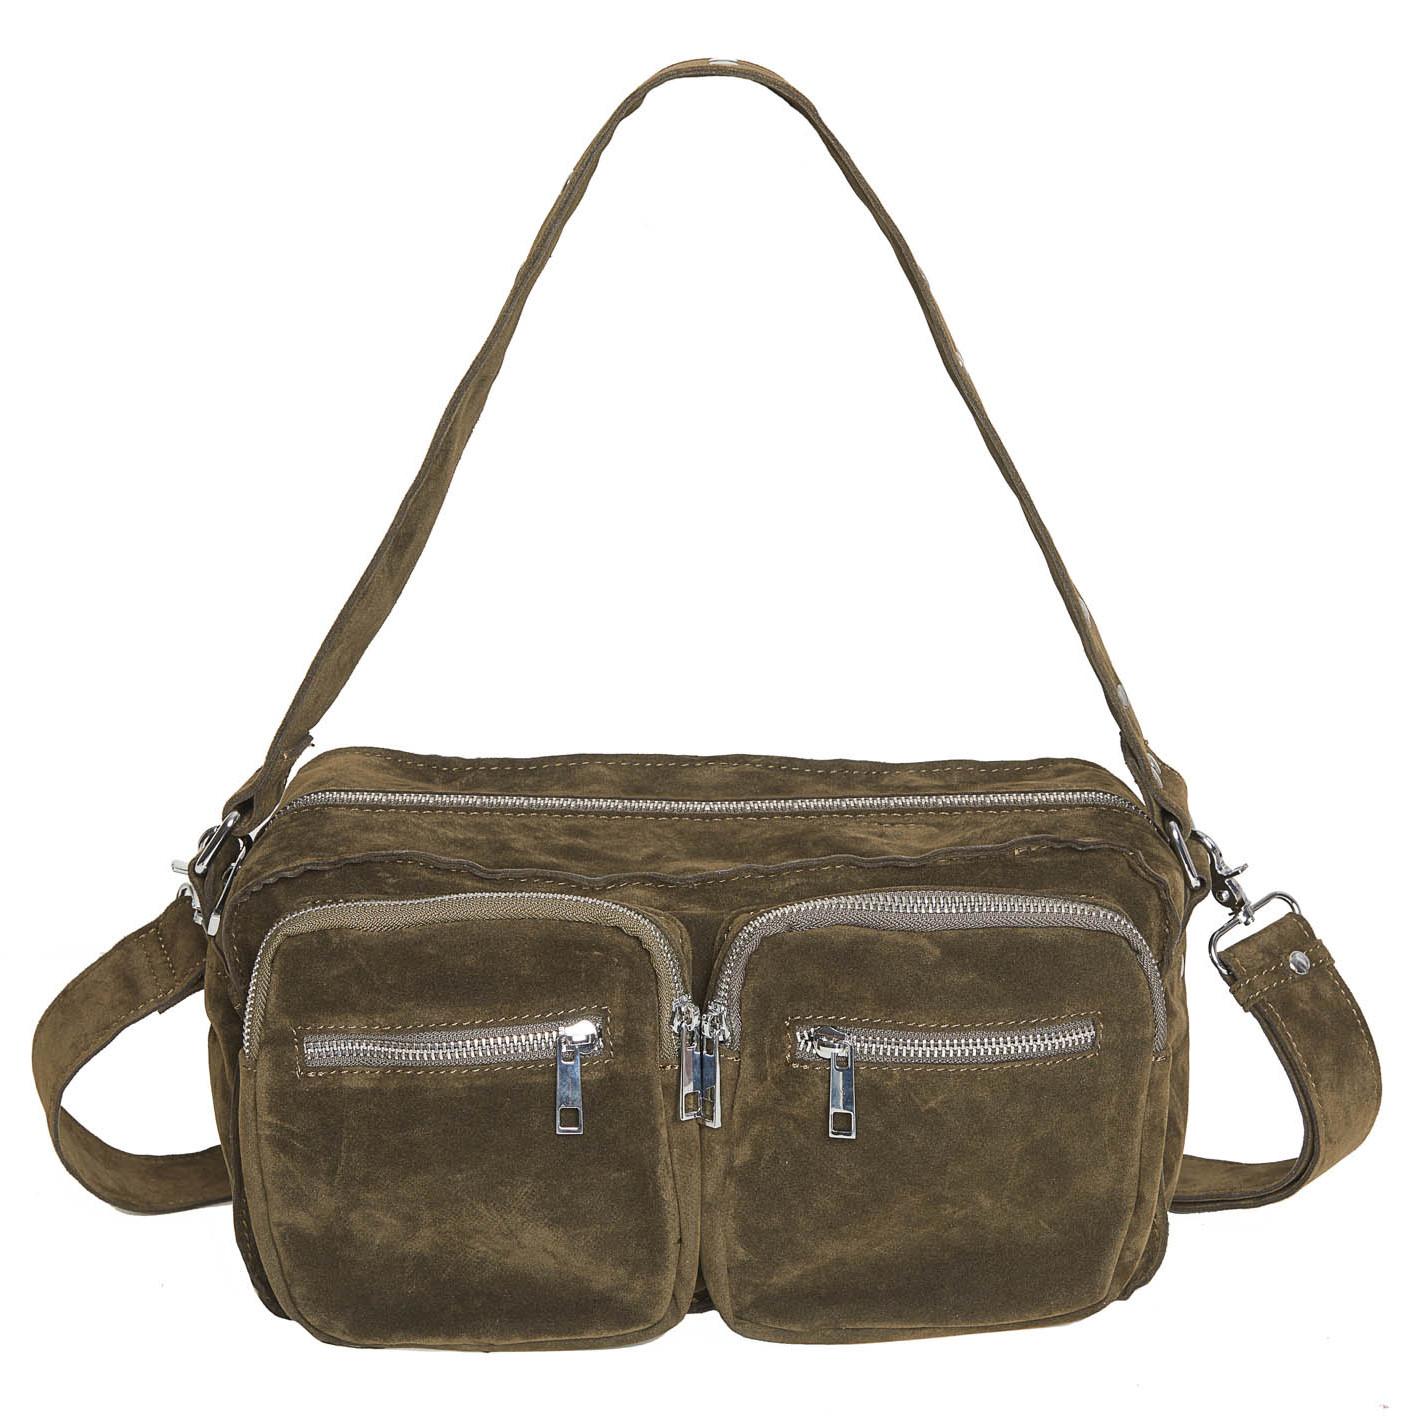 cb820d5c8b0 Tasker på tilbud |Spar penge på din næste taske